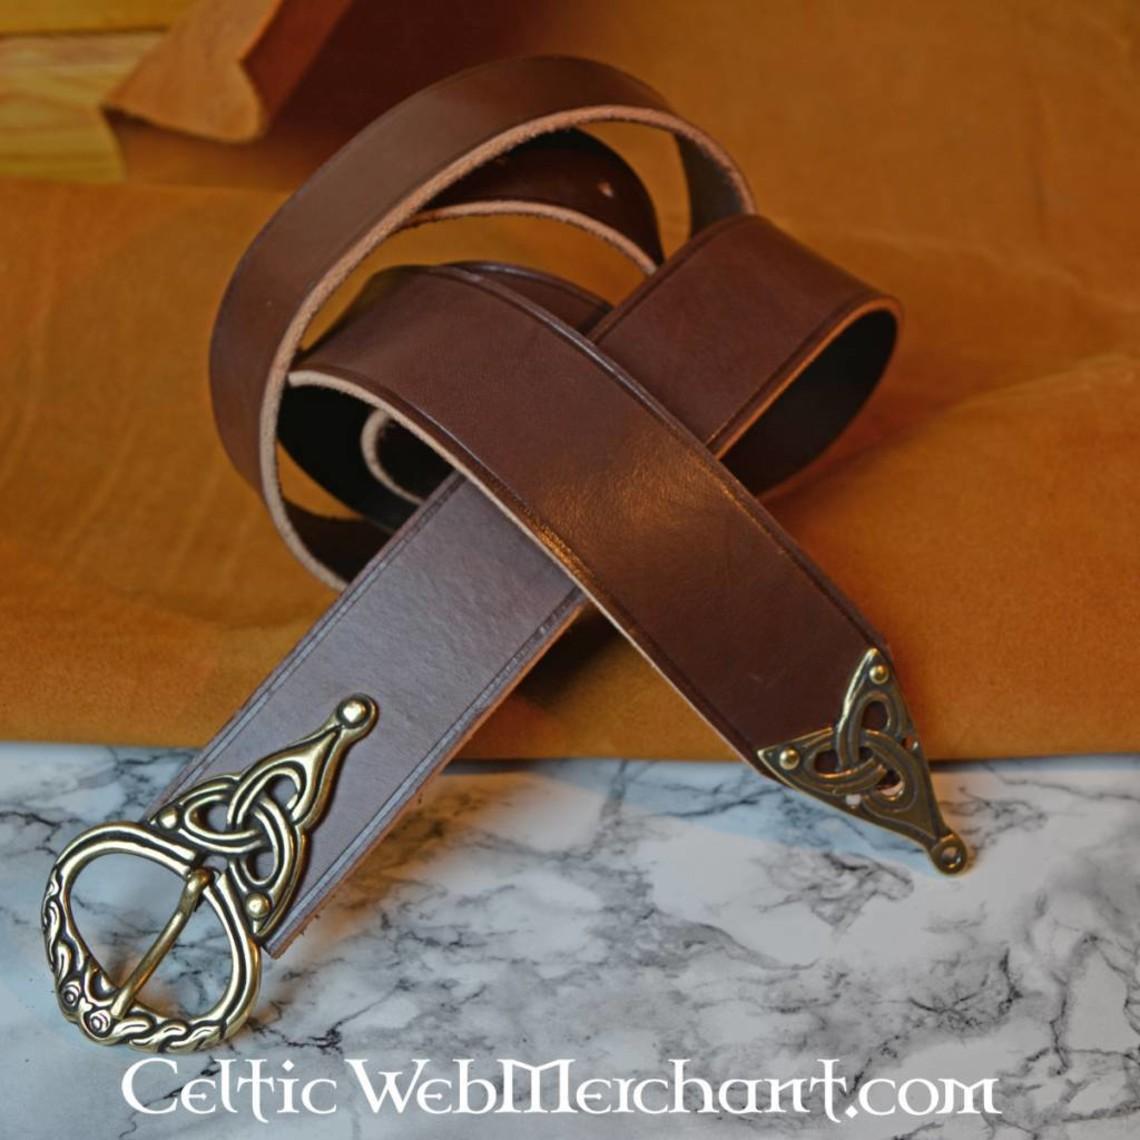 Cinturón Borre Vikingo